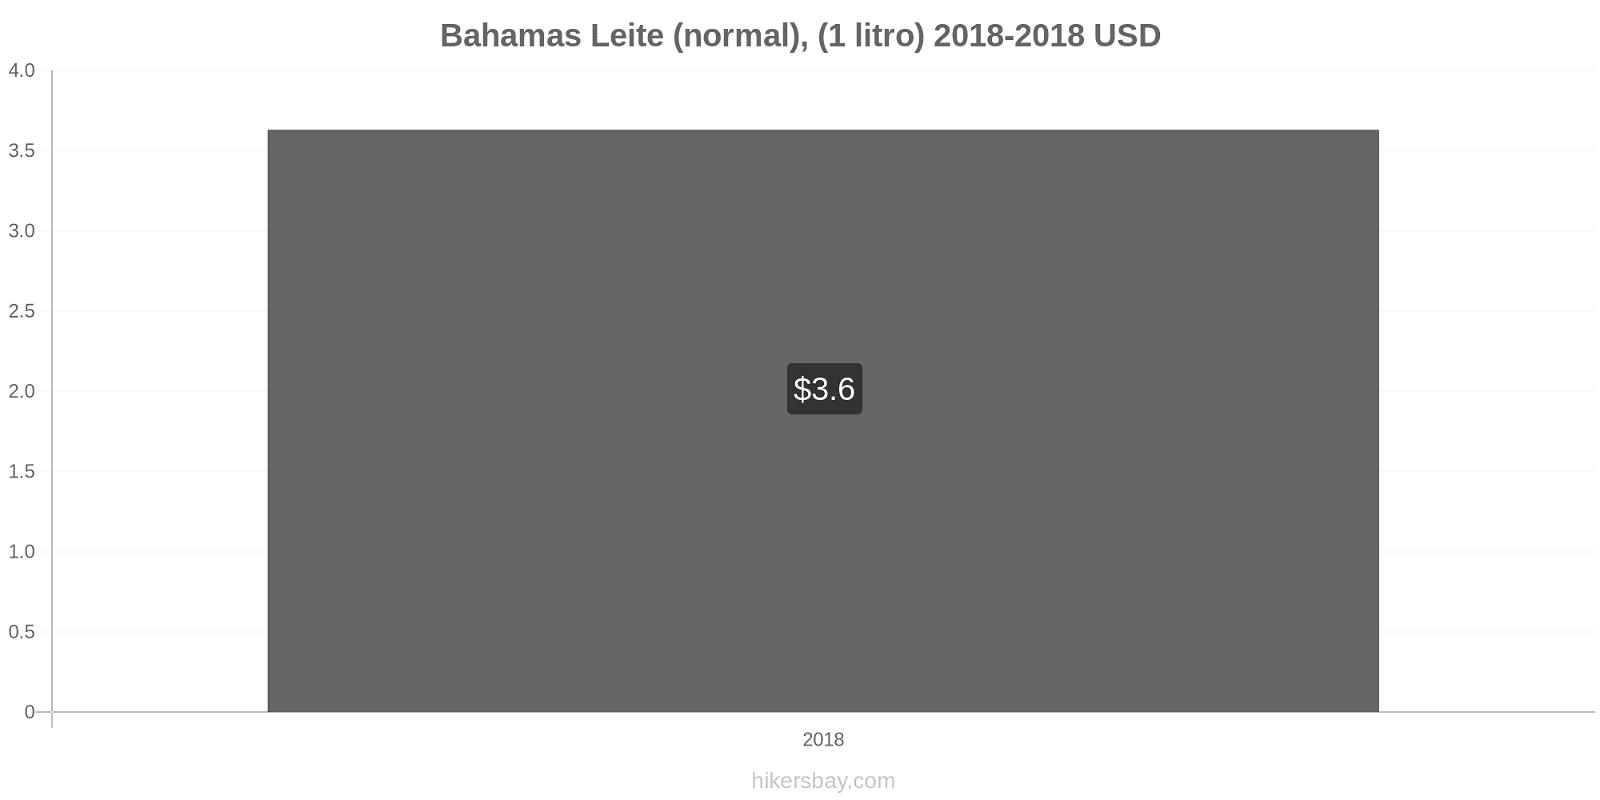 Bahamas variação de preço (Regular), leite (1 litro) hikersbay.com